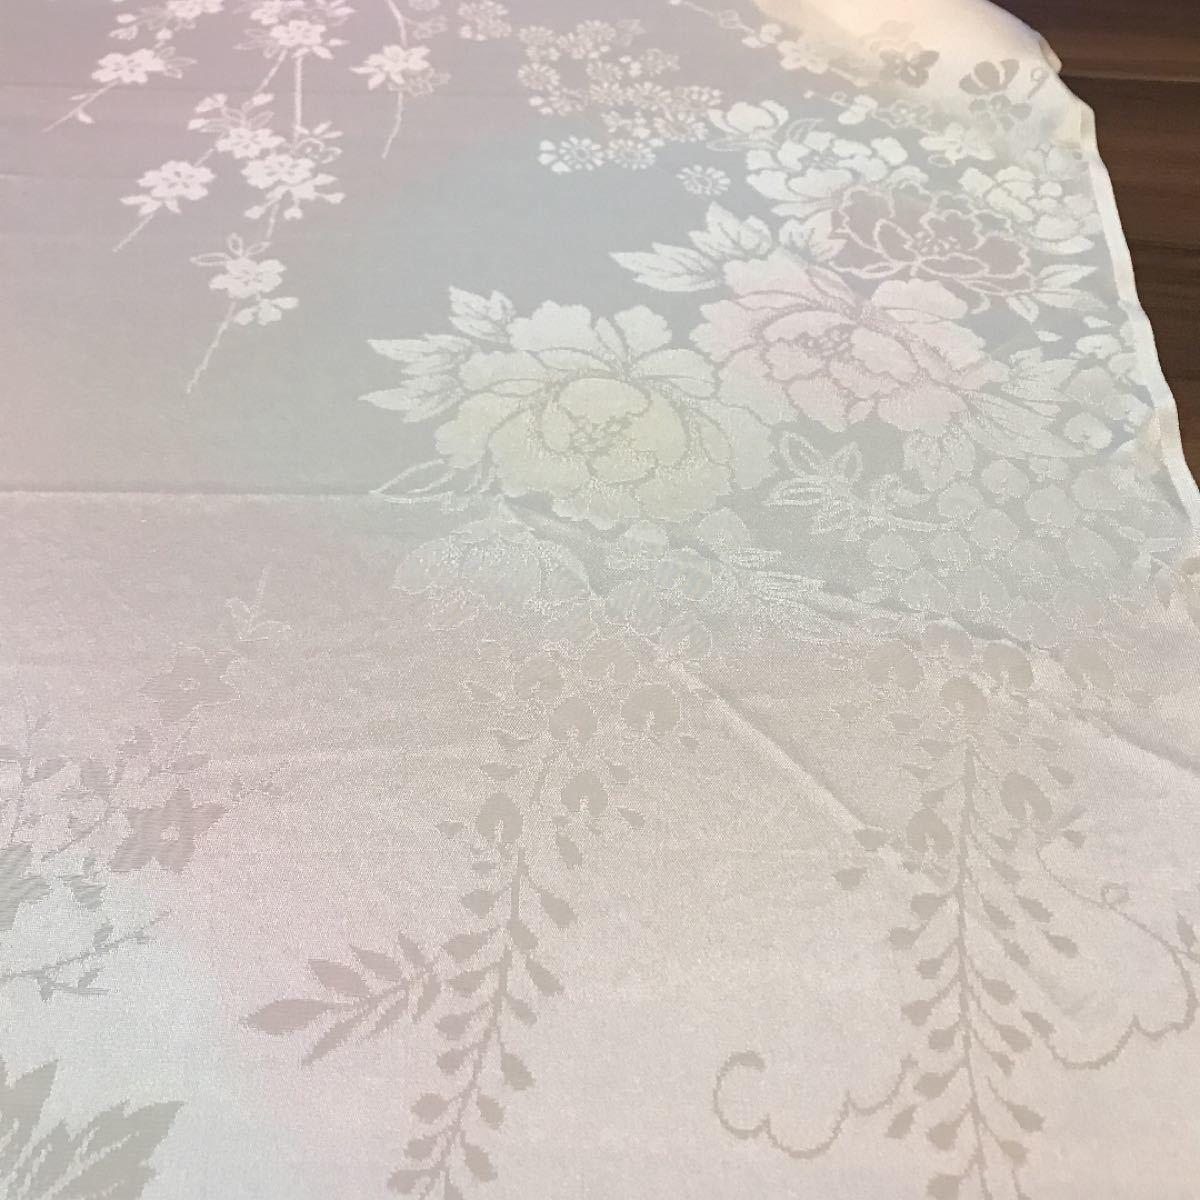 59 ピンク 光沢 布 生地 ハギレ 着物 手作り リメイク ハンドメイド